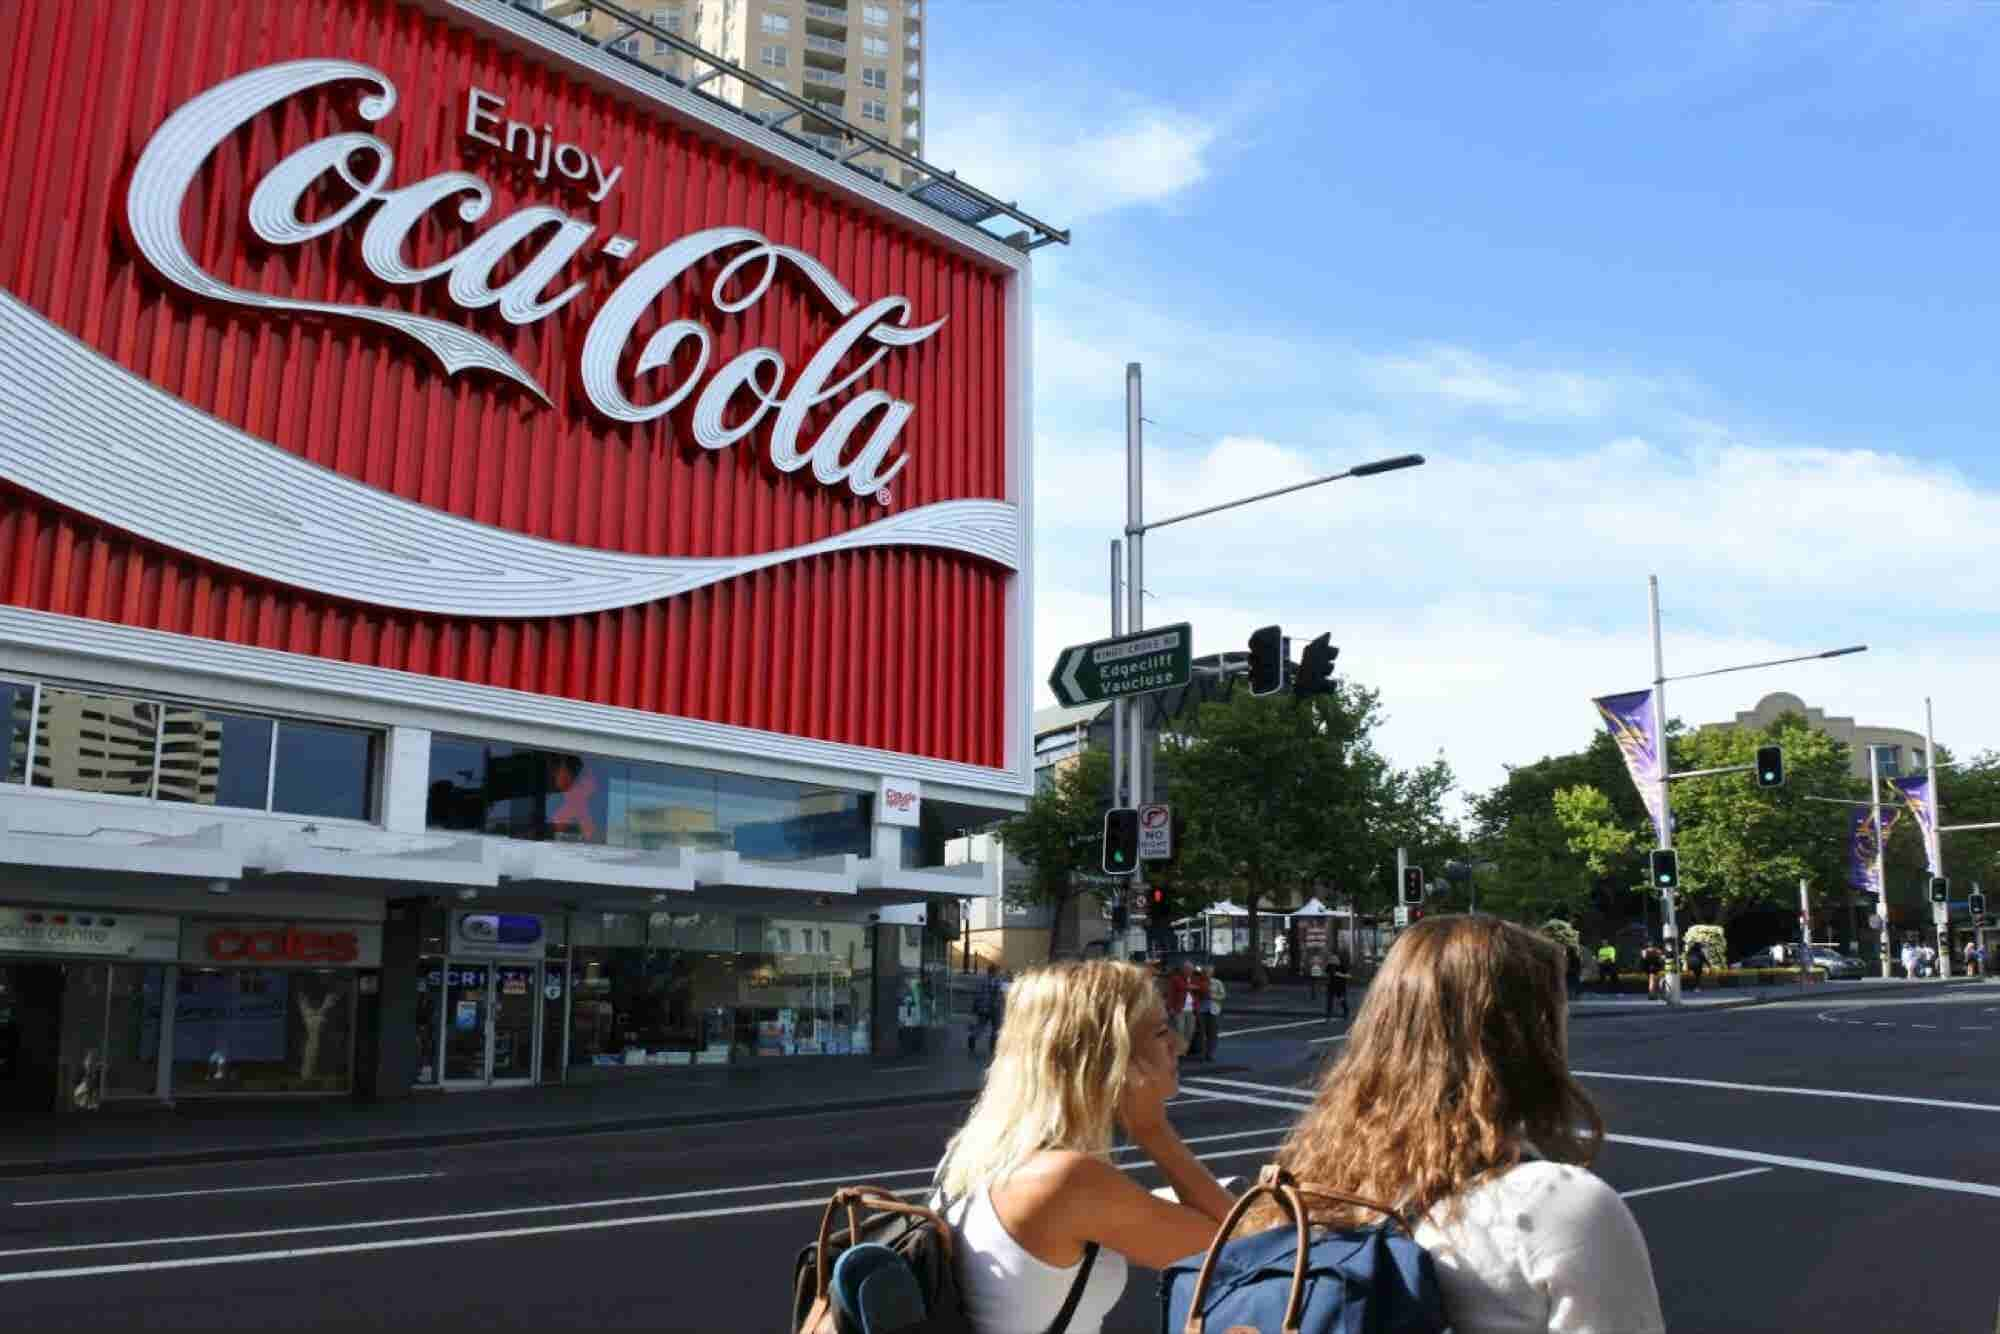 Estas son las 5 claves para que tu marca sea tan poderosa como Coca-Cola